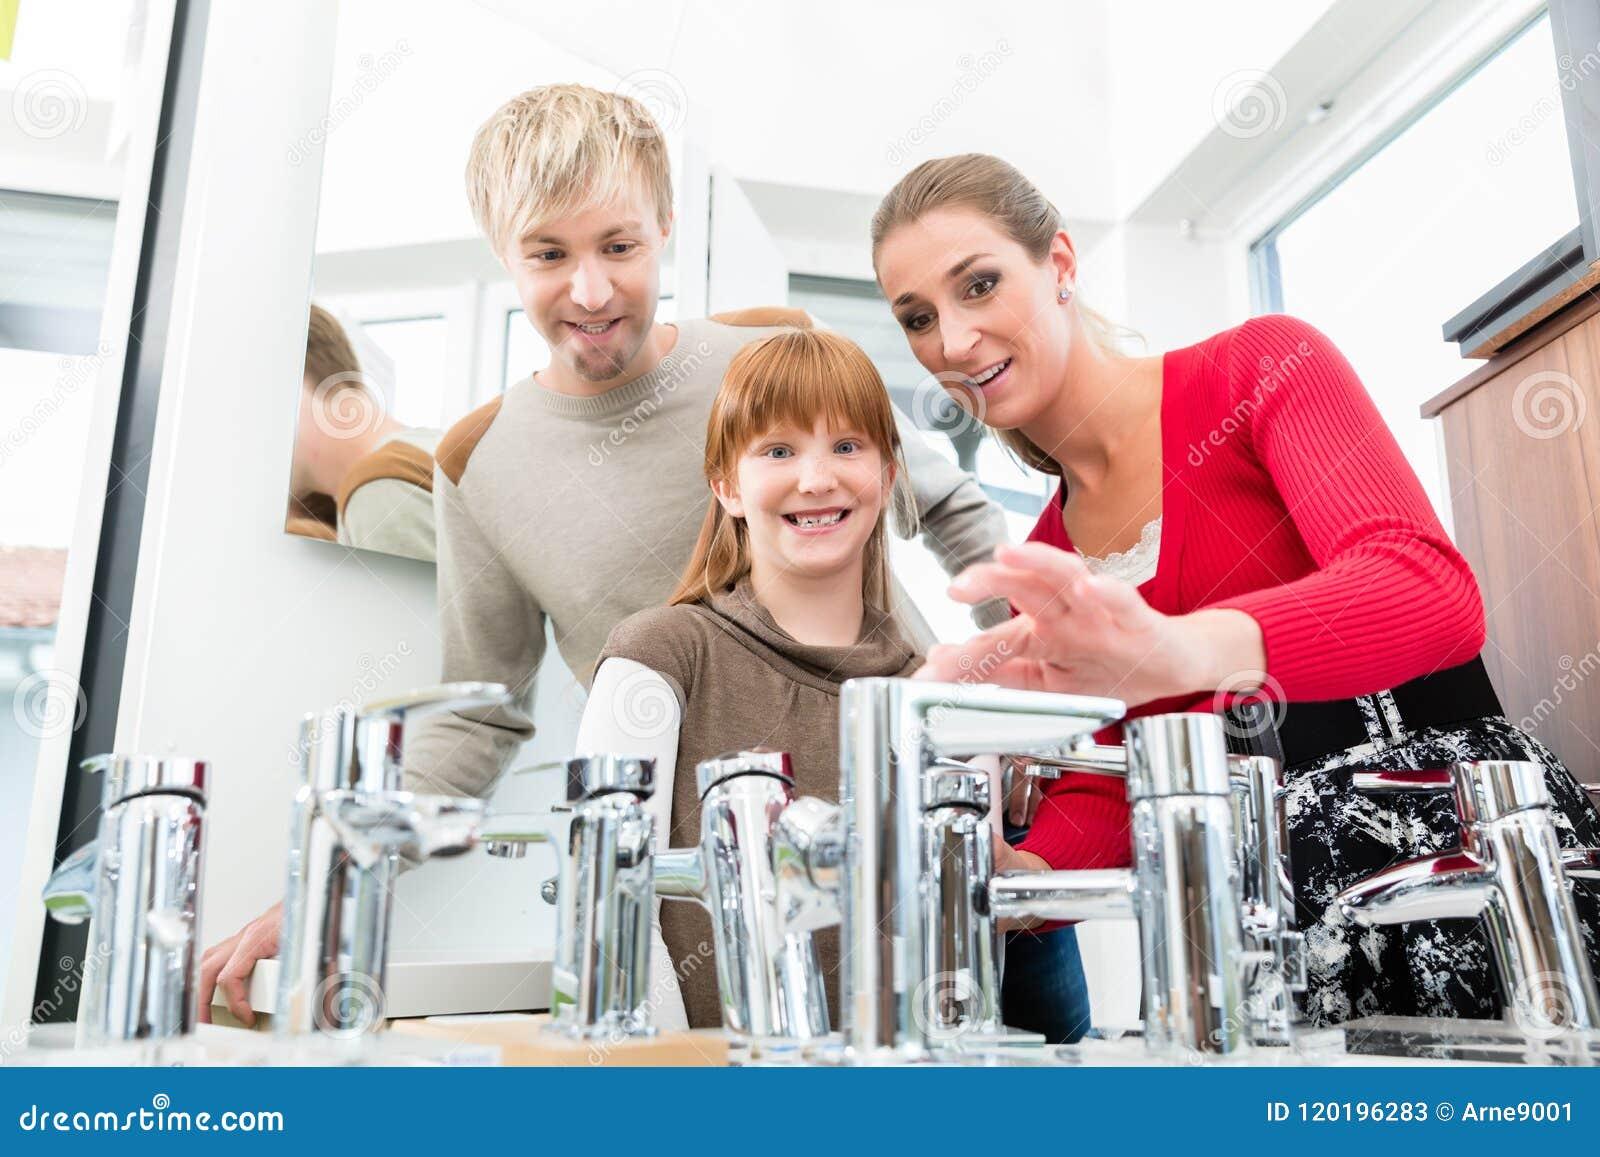 Πορτρέτο μιας ευτυχούς οικογένειας που ψάχνει μια νέα στρόφιγγα νεροχυτών λουτρών